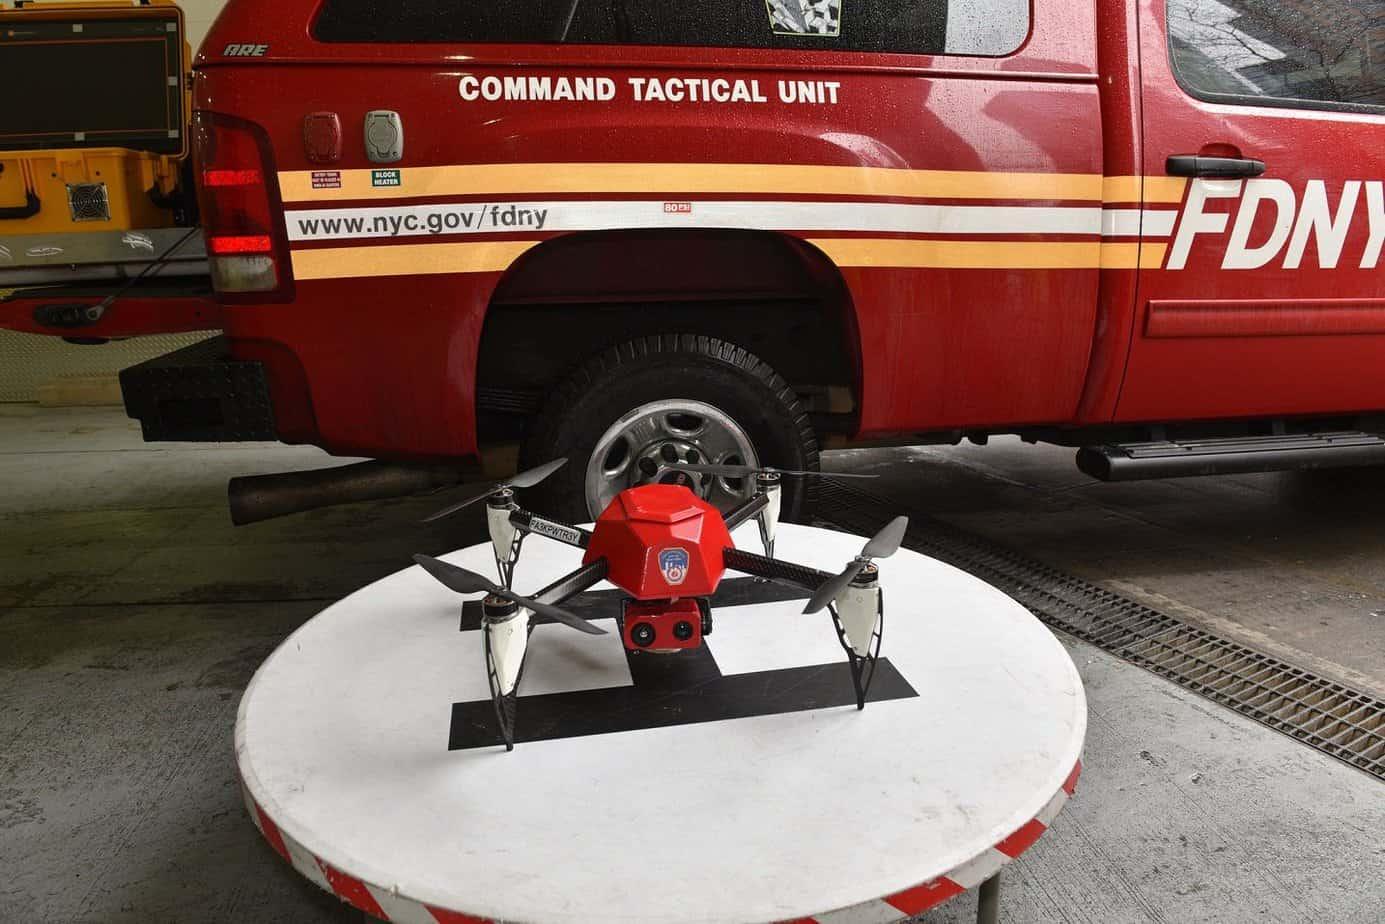 Fire fighting top drones